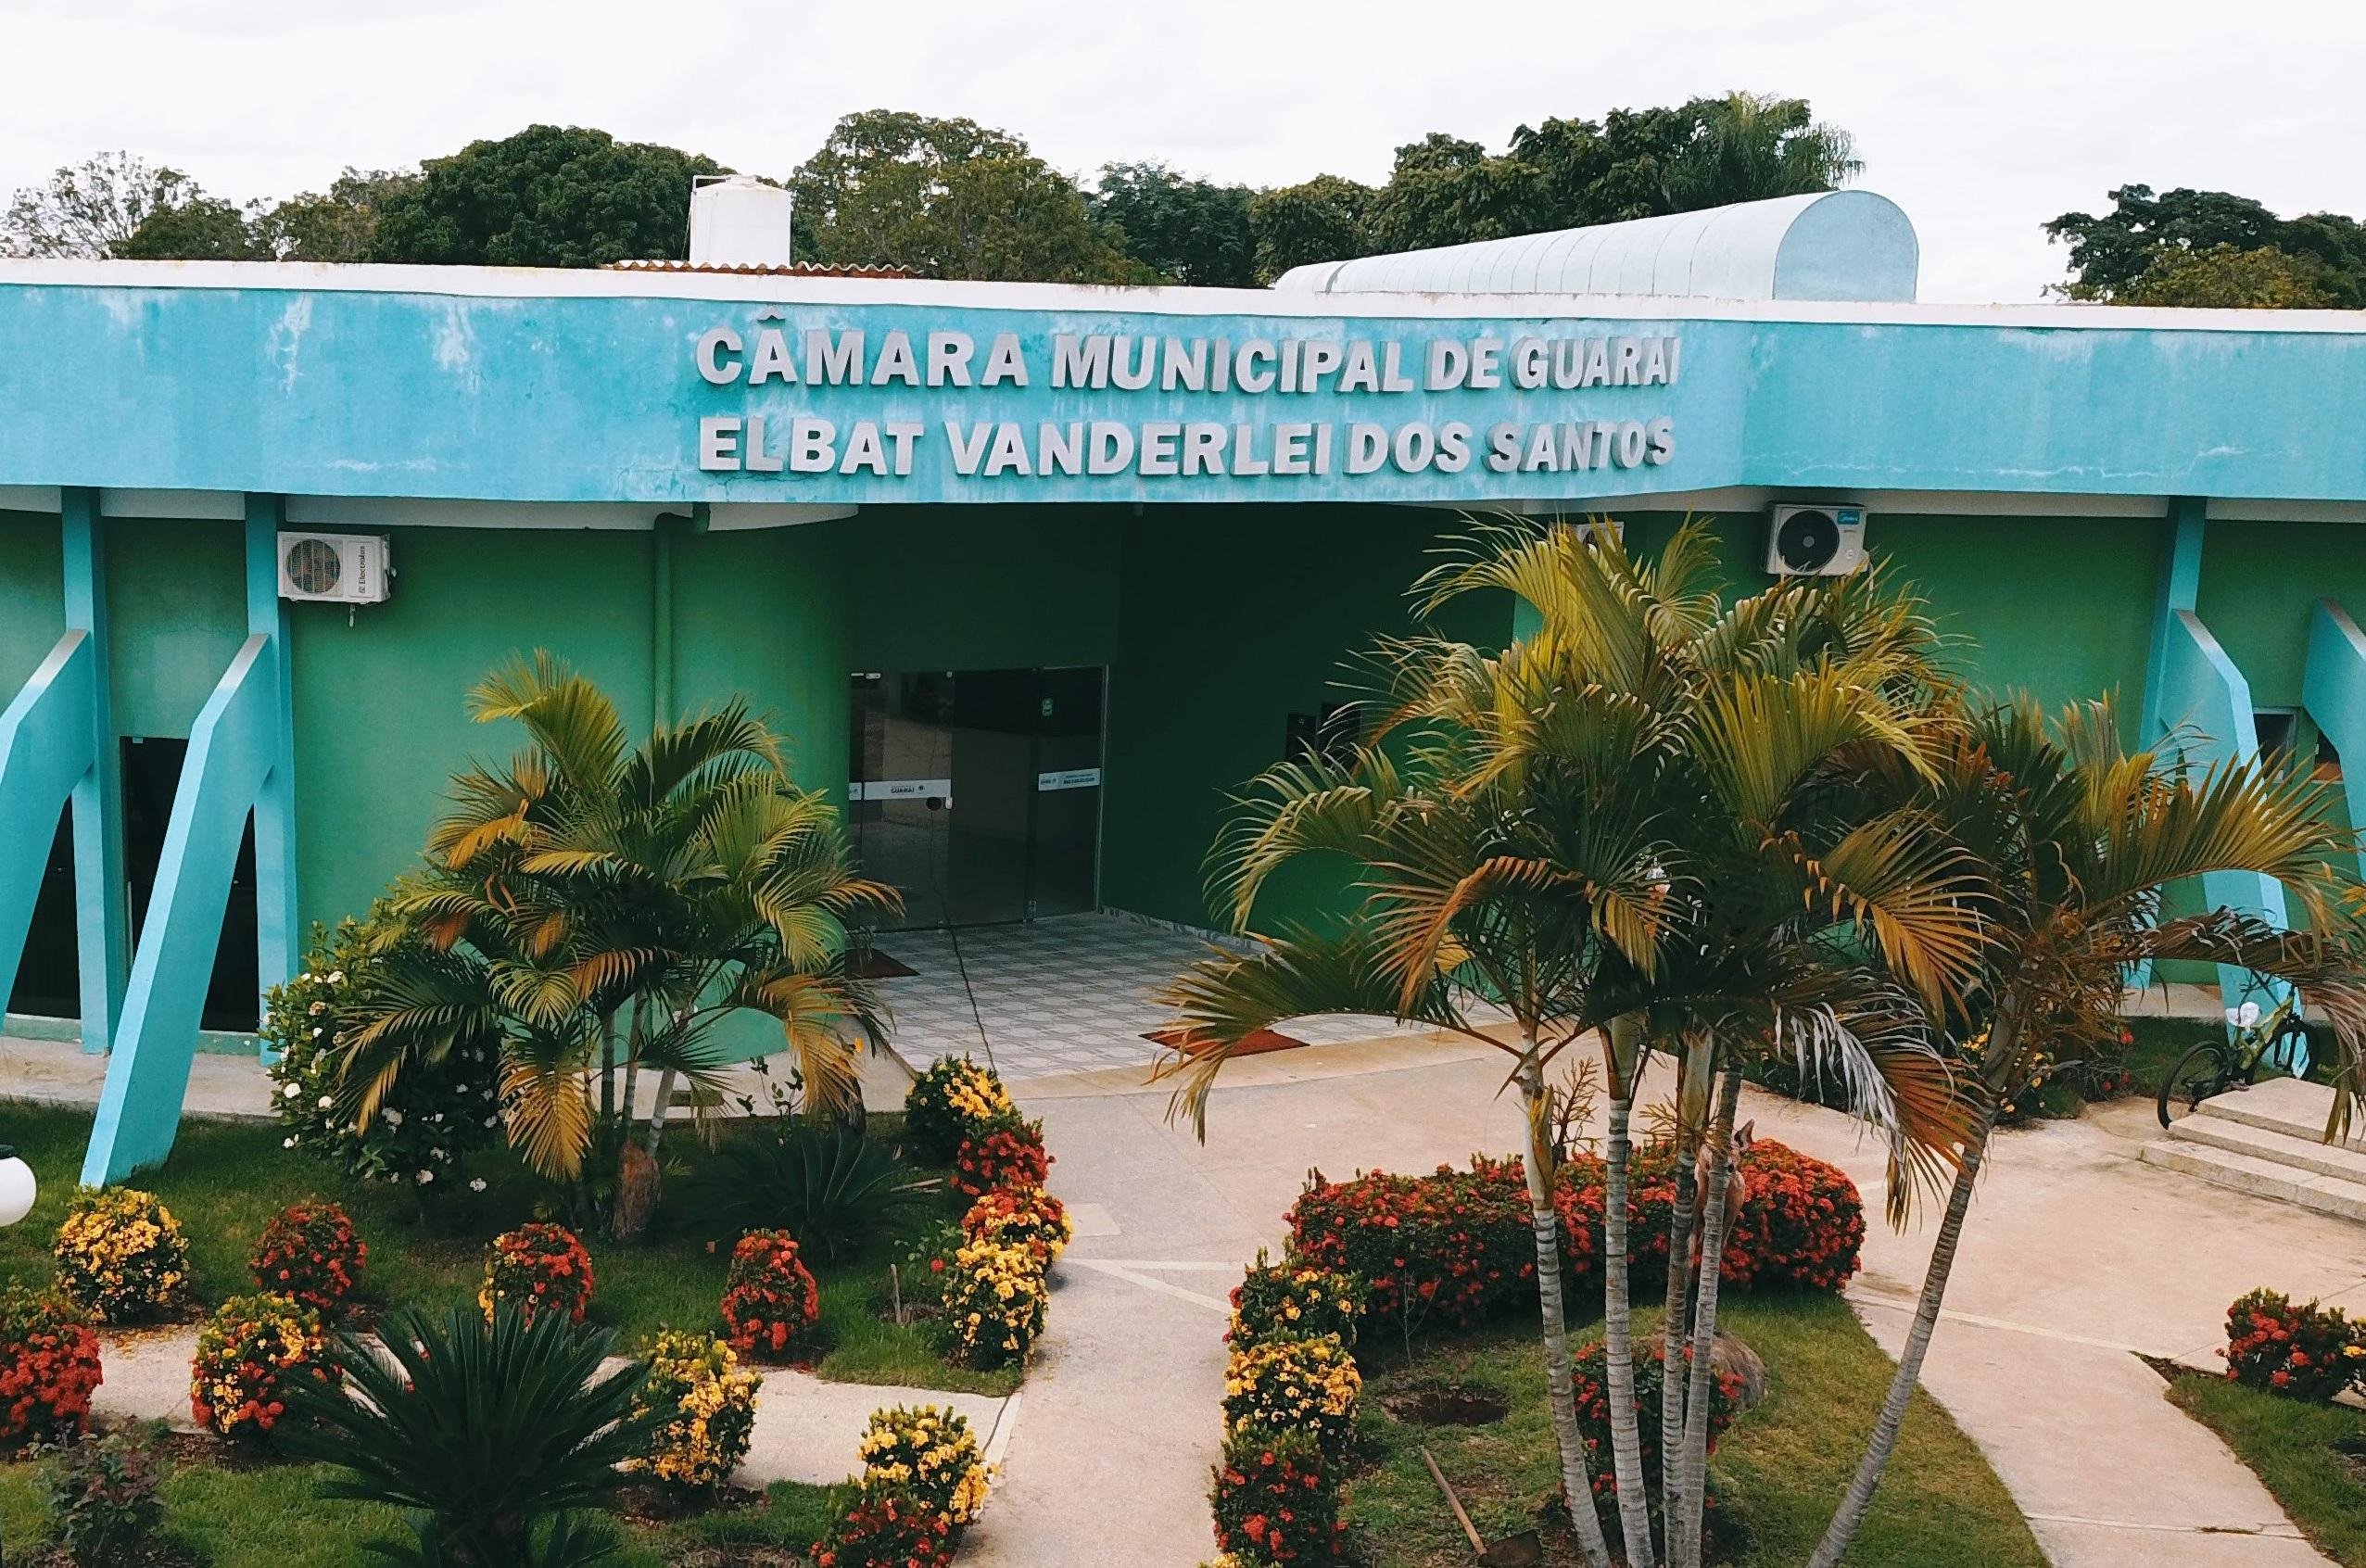 Câmara aprova MP que revoga abono e cria gratificação para servidores da saúde em Guaraí